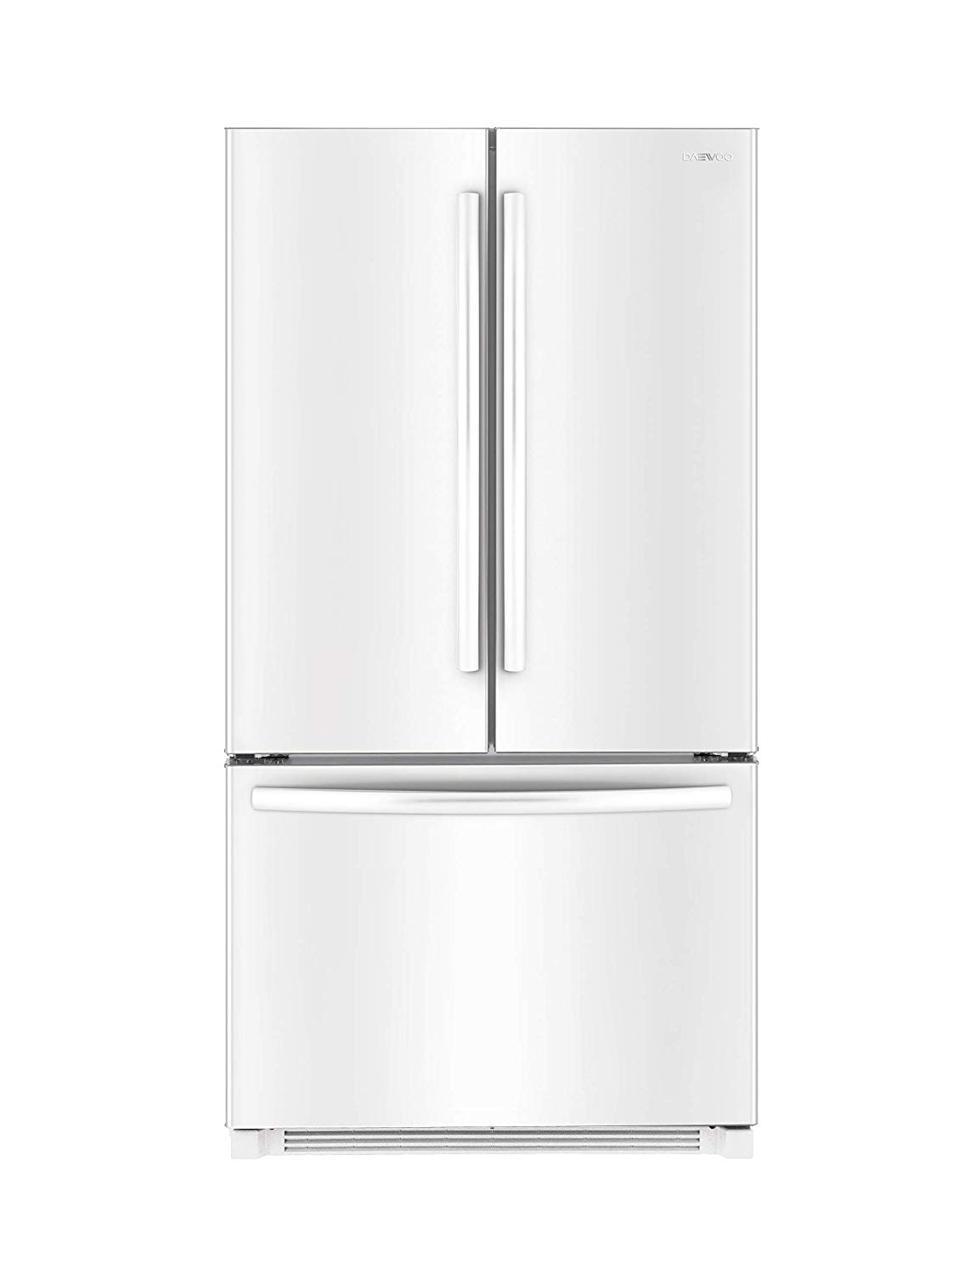 Best Counter Depth Refrigerator 2020.The Best Counter Depth French Door Refrigerators Of 2019